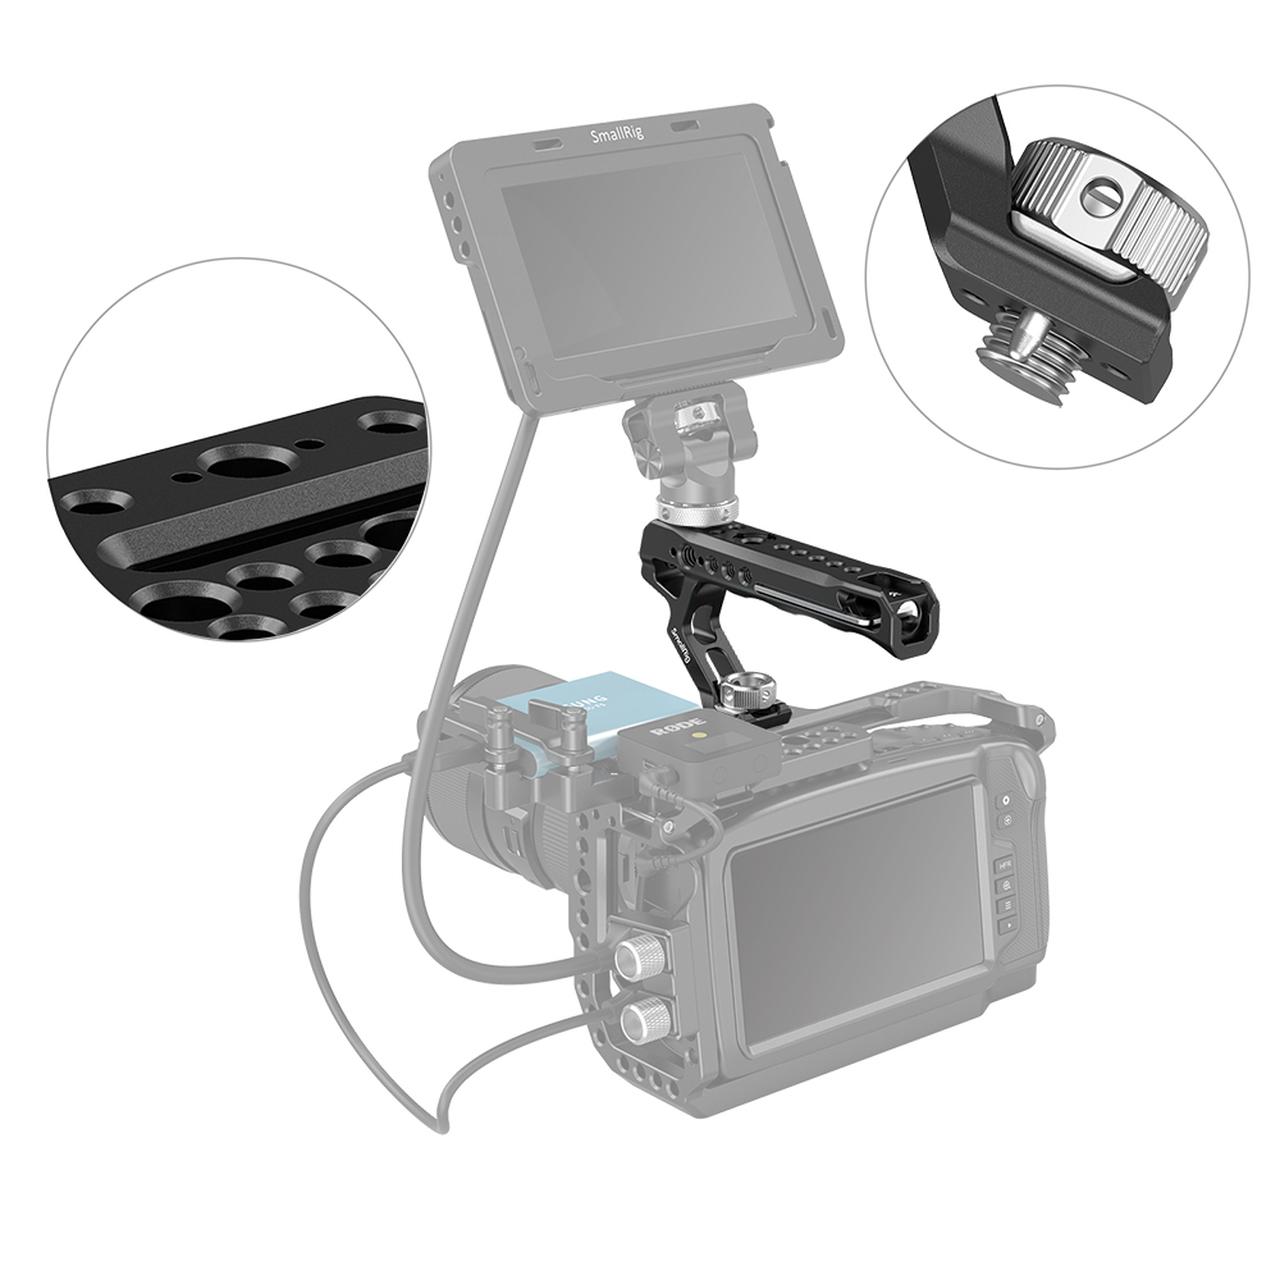 /SmallRig-2165-C-06-ARRI-Locating-Handle-r%C4%85czka-mocowaniem-ARRI.jpg